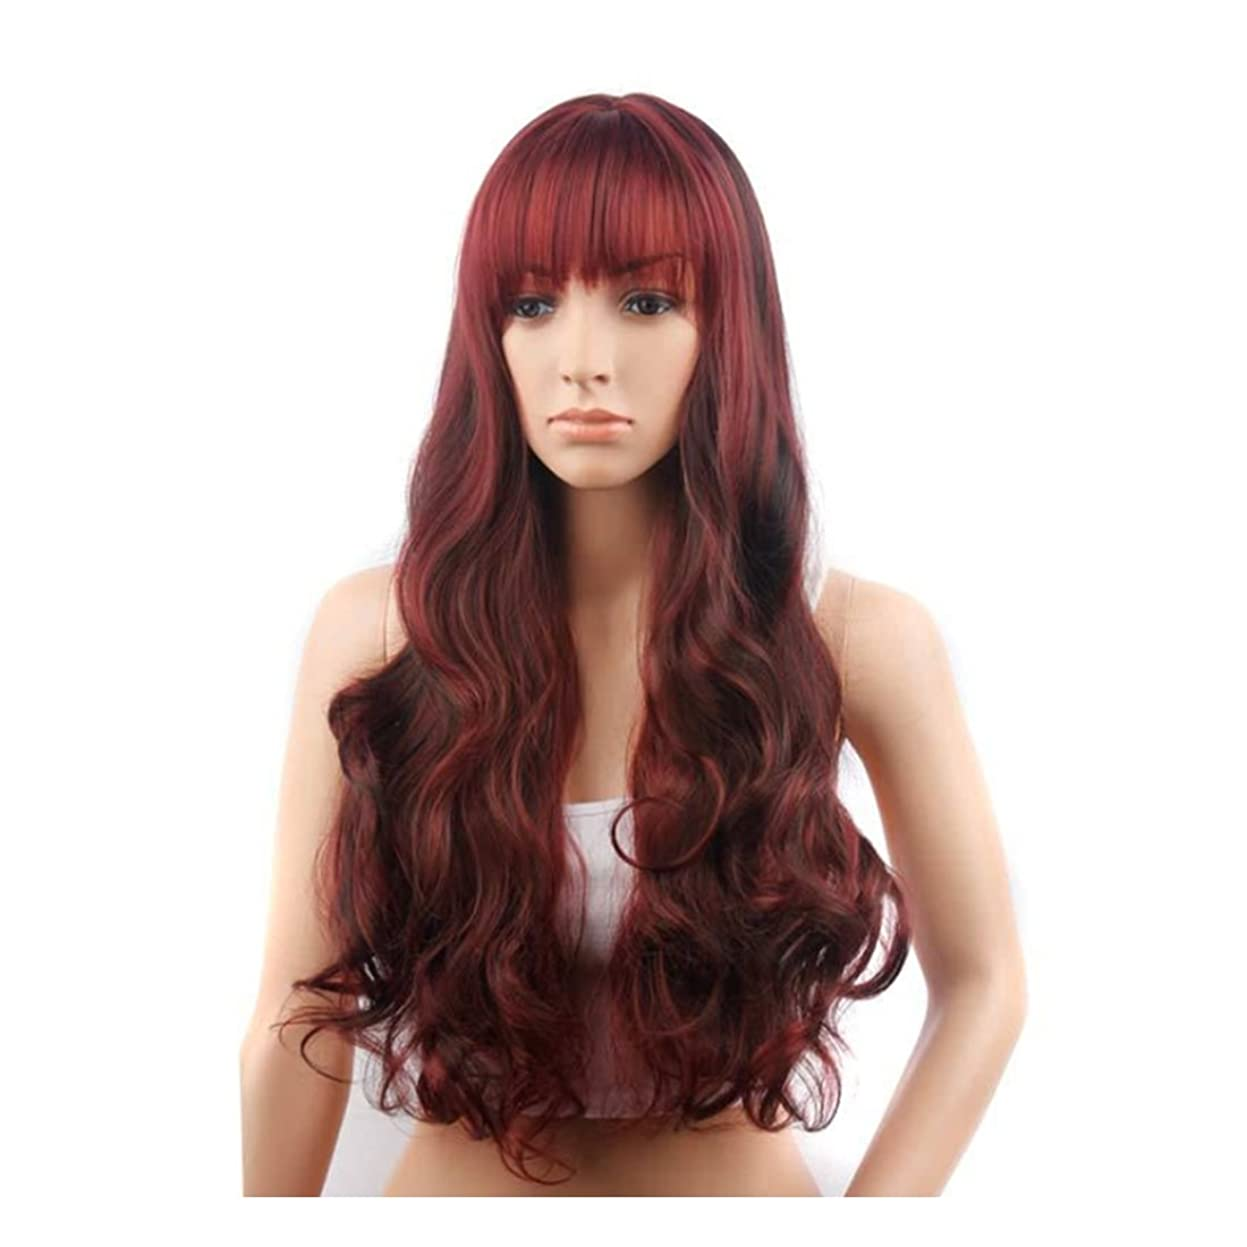 環境保護主義者排除する食い違いJIANFU 女性のための長いカーリーウィッグとトウモロコシフラットバンズとフェイスウィッグを変更25inchの長さのための髪の耐熱ウィッグ(ワインレッド) (Color : Wine red)